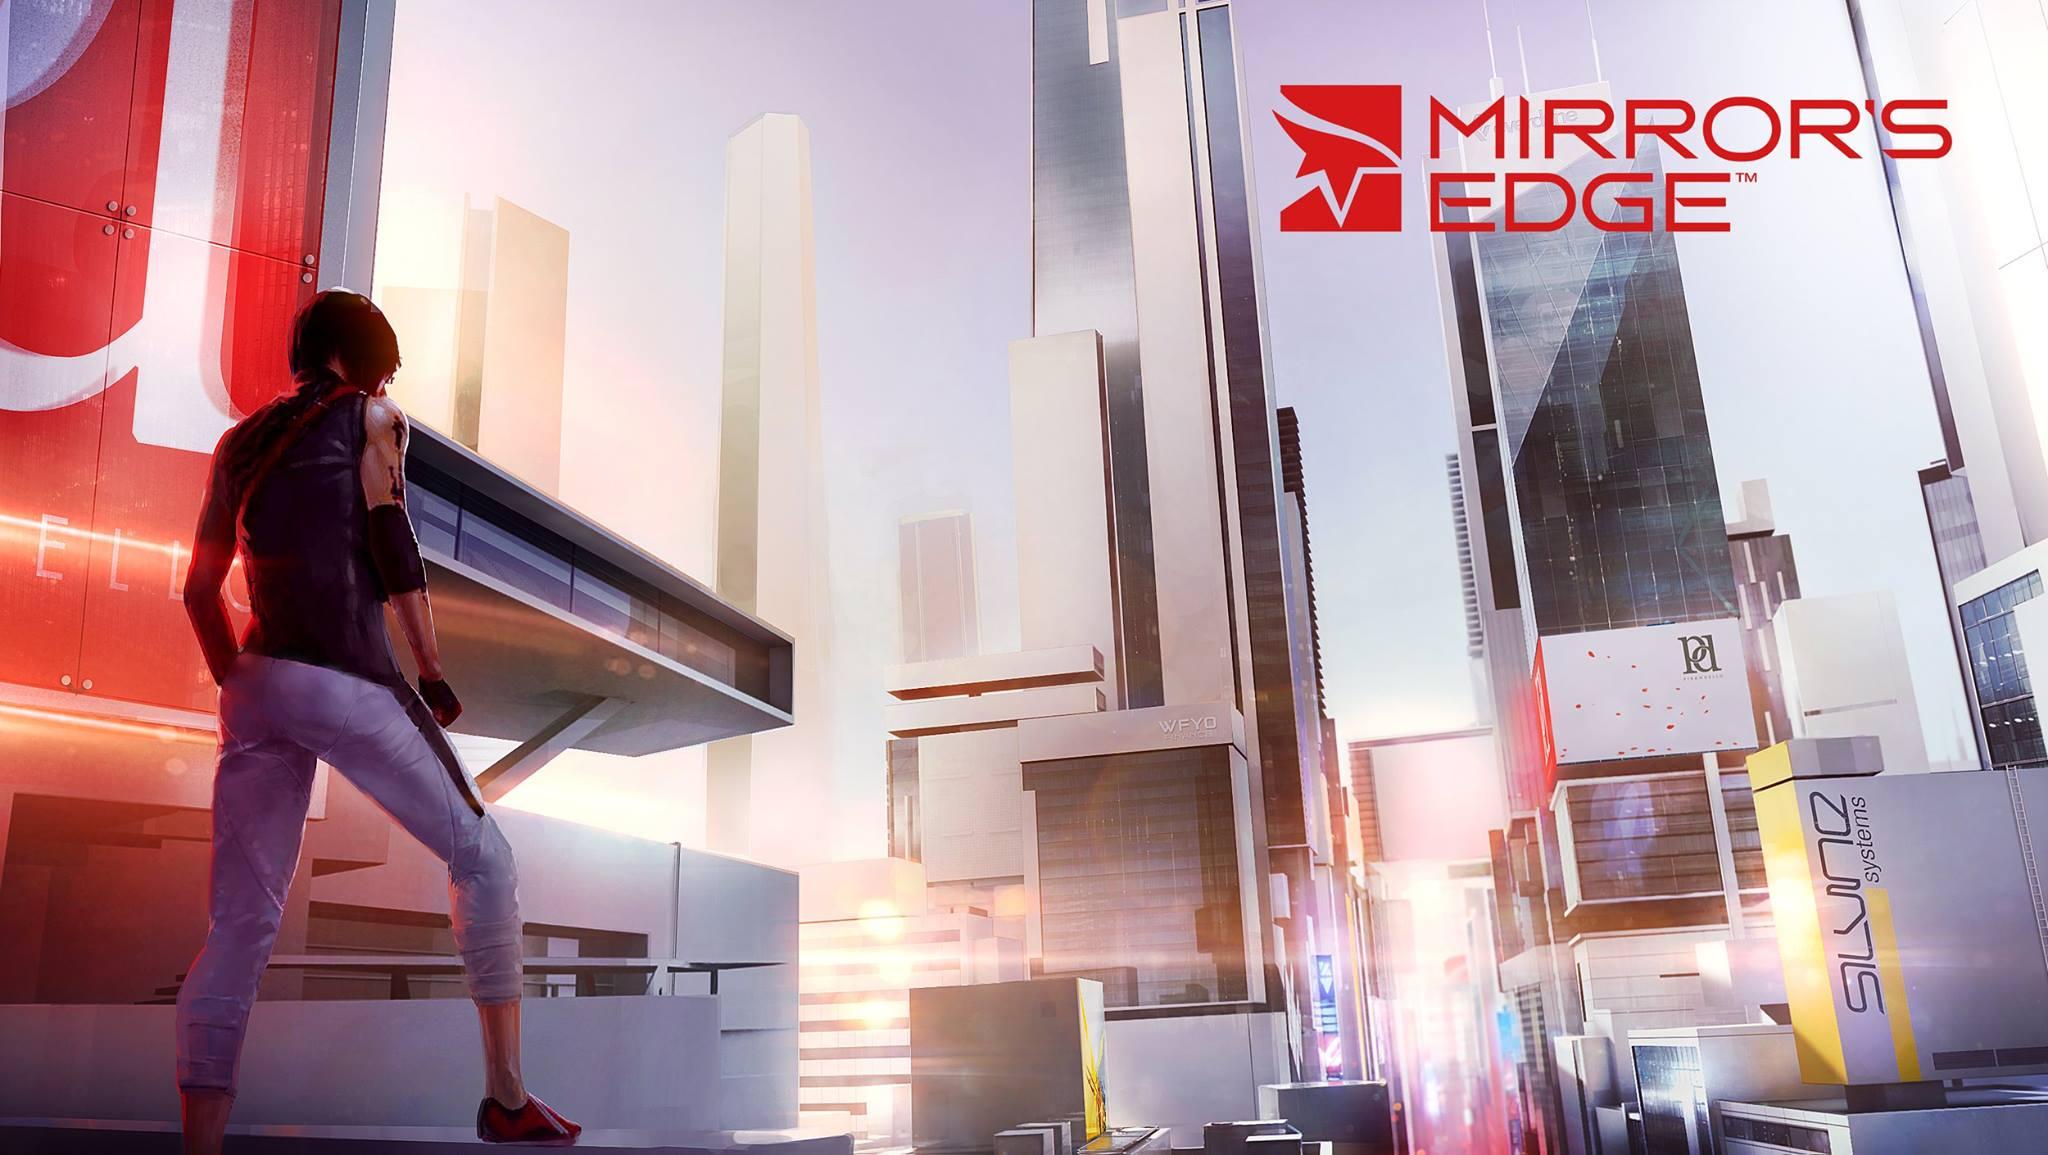 Конецпт-арт нового Mirror's Edge - Изображение 1